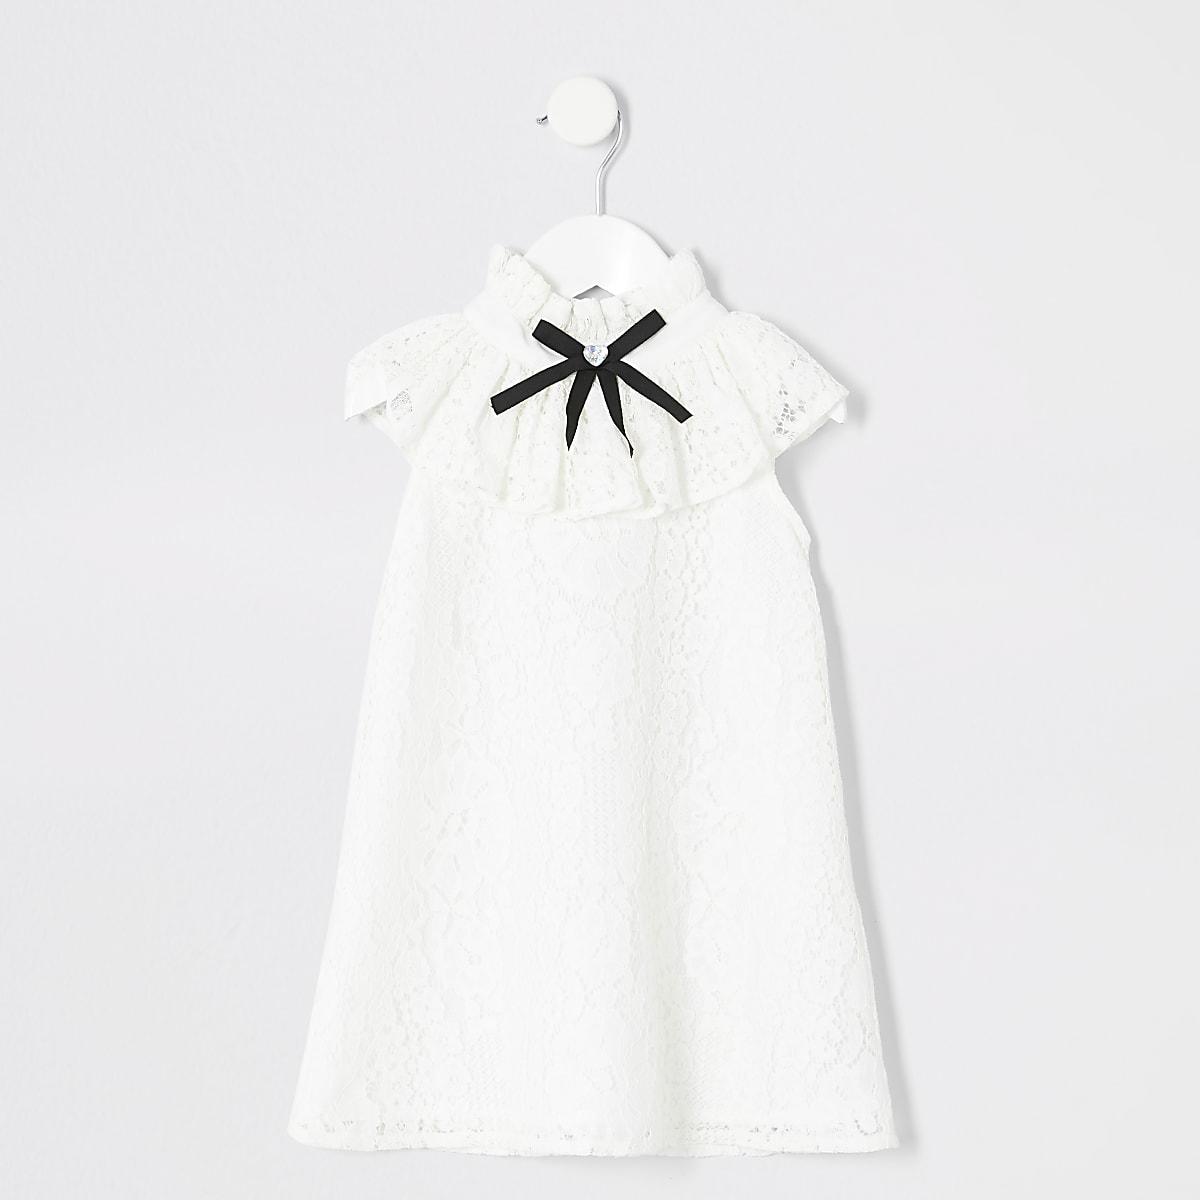 Mini - Witte kanten jurk met ruches voor meisjes